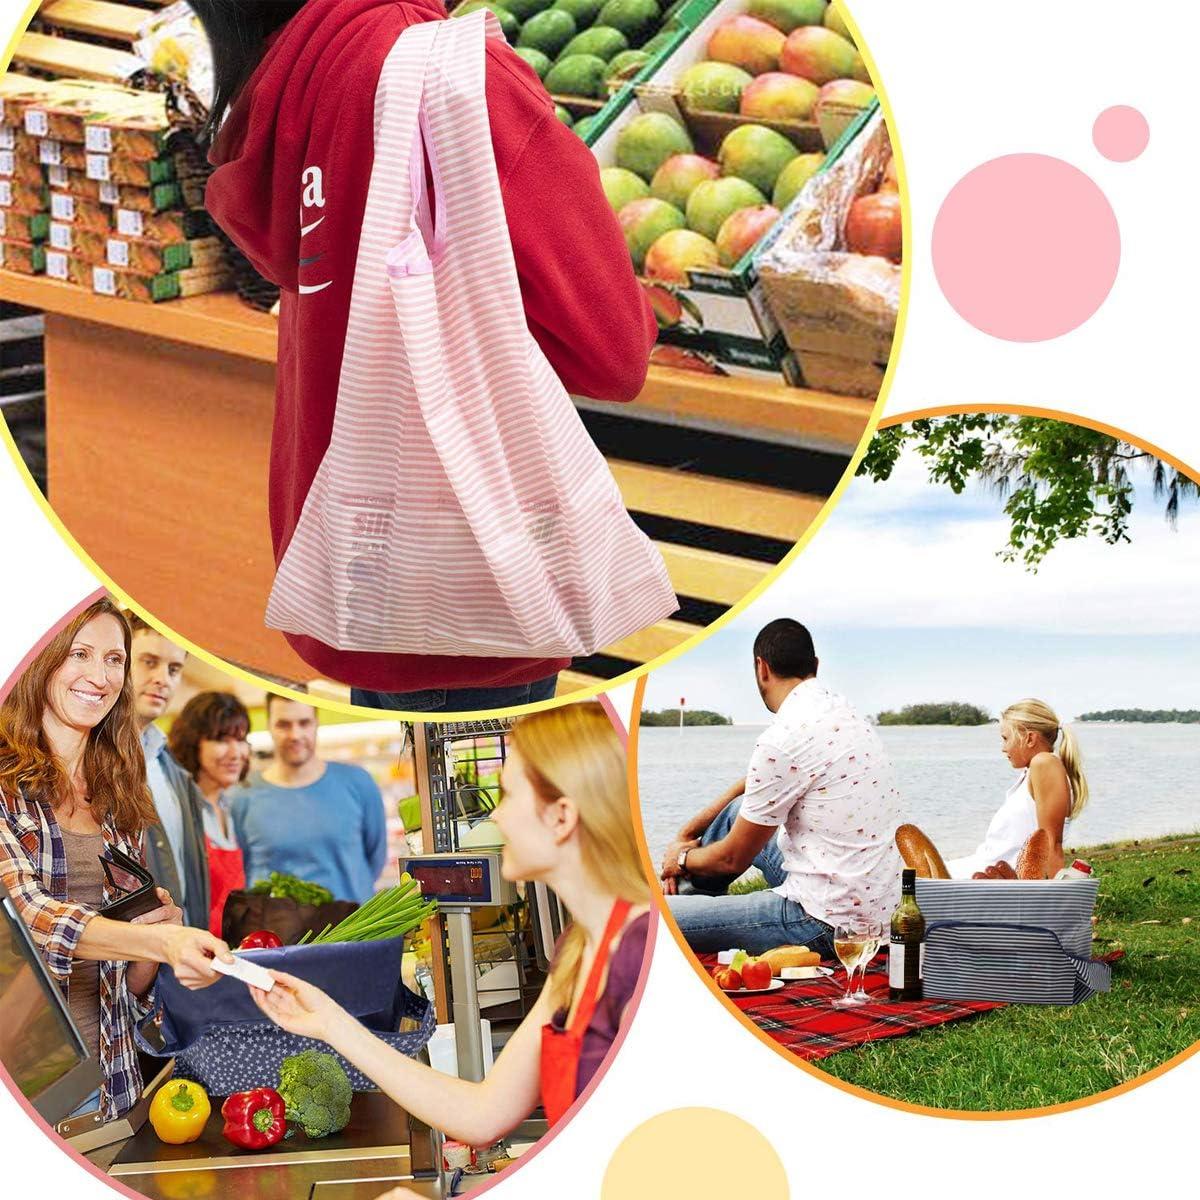 GonLei - Bolsas reutilizables para comestibles, 6 unidades, ecológicas, grandes, plegables, resistentes y lavables, bolsas de regalo para el día de la madre, bolsas de nailon impermeables para bolsas de compras pesadas: